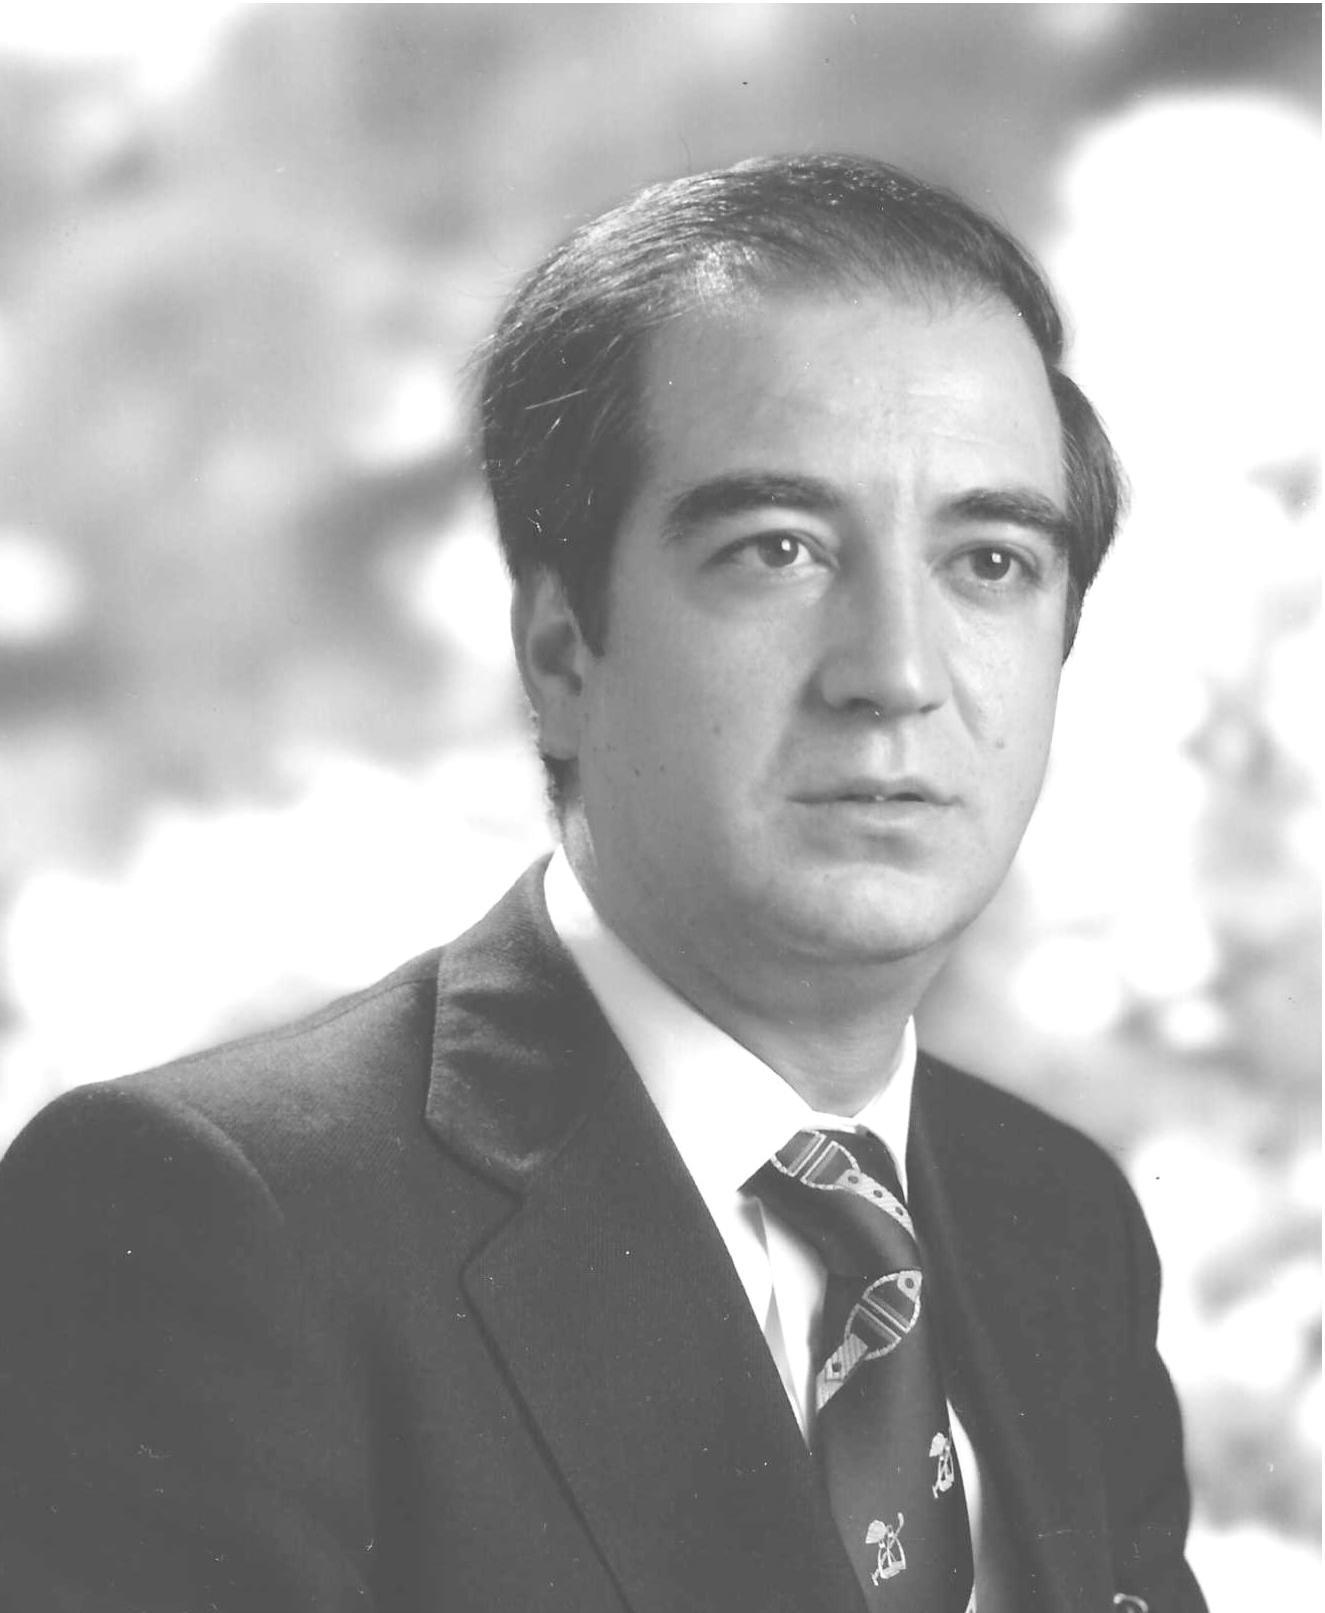 Alfonso de Parada